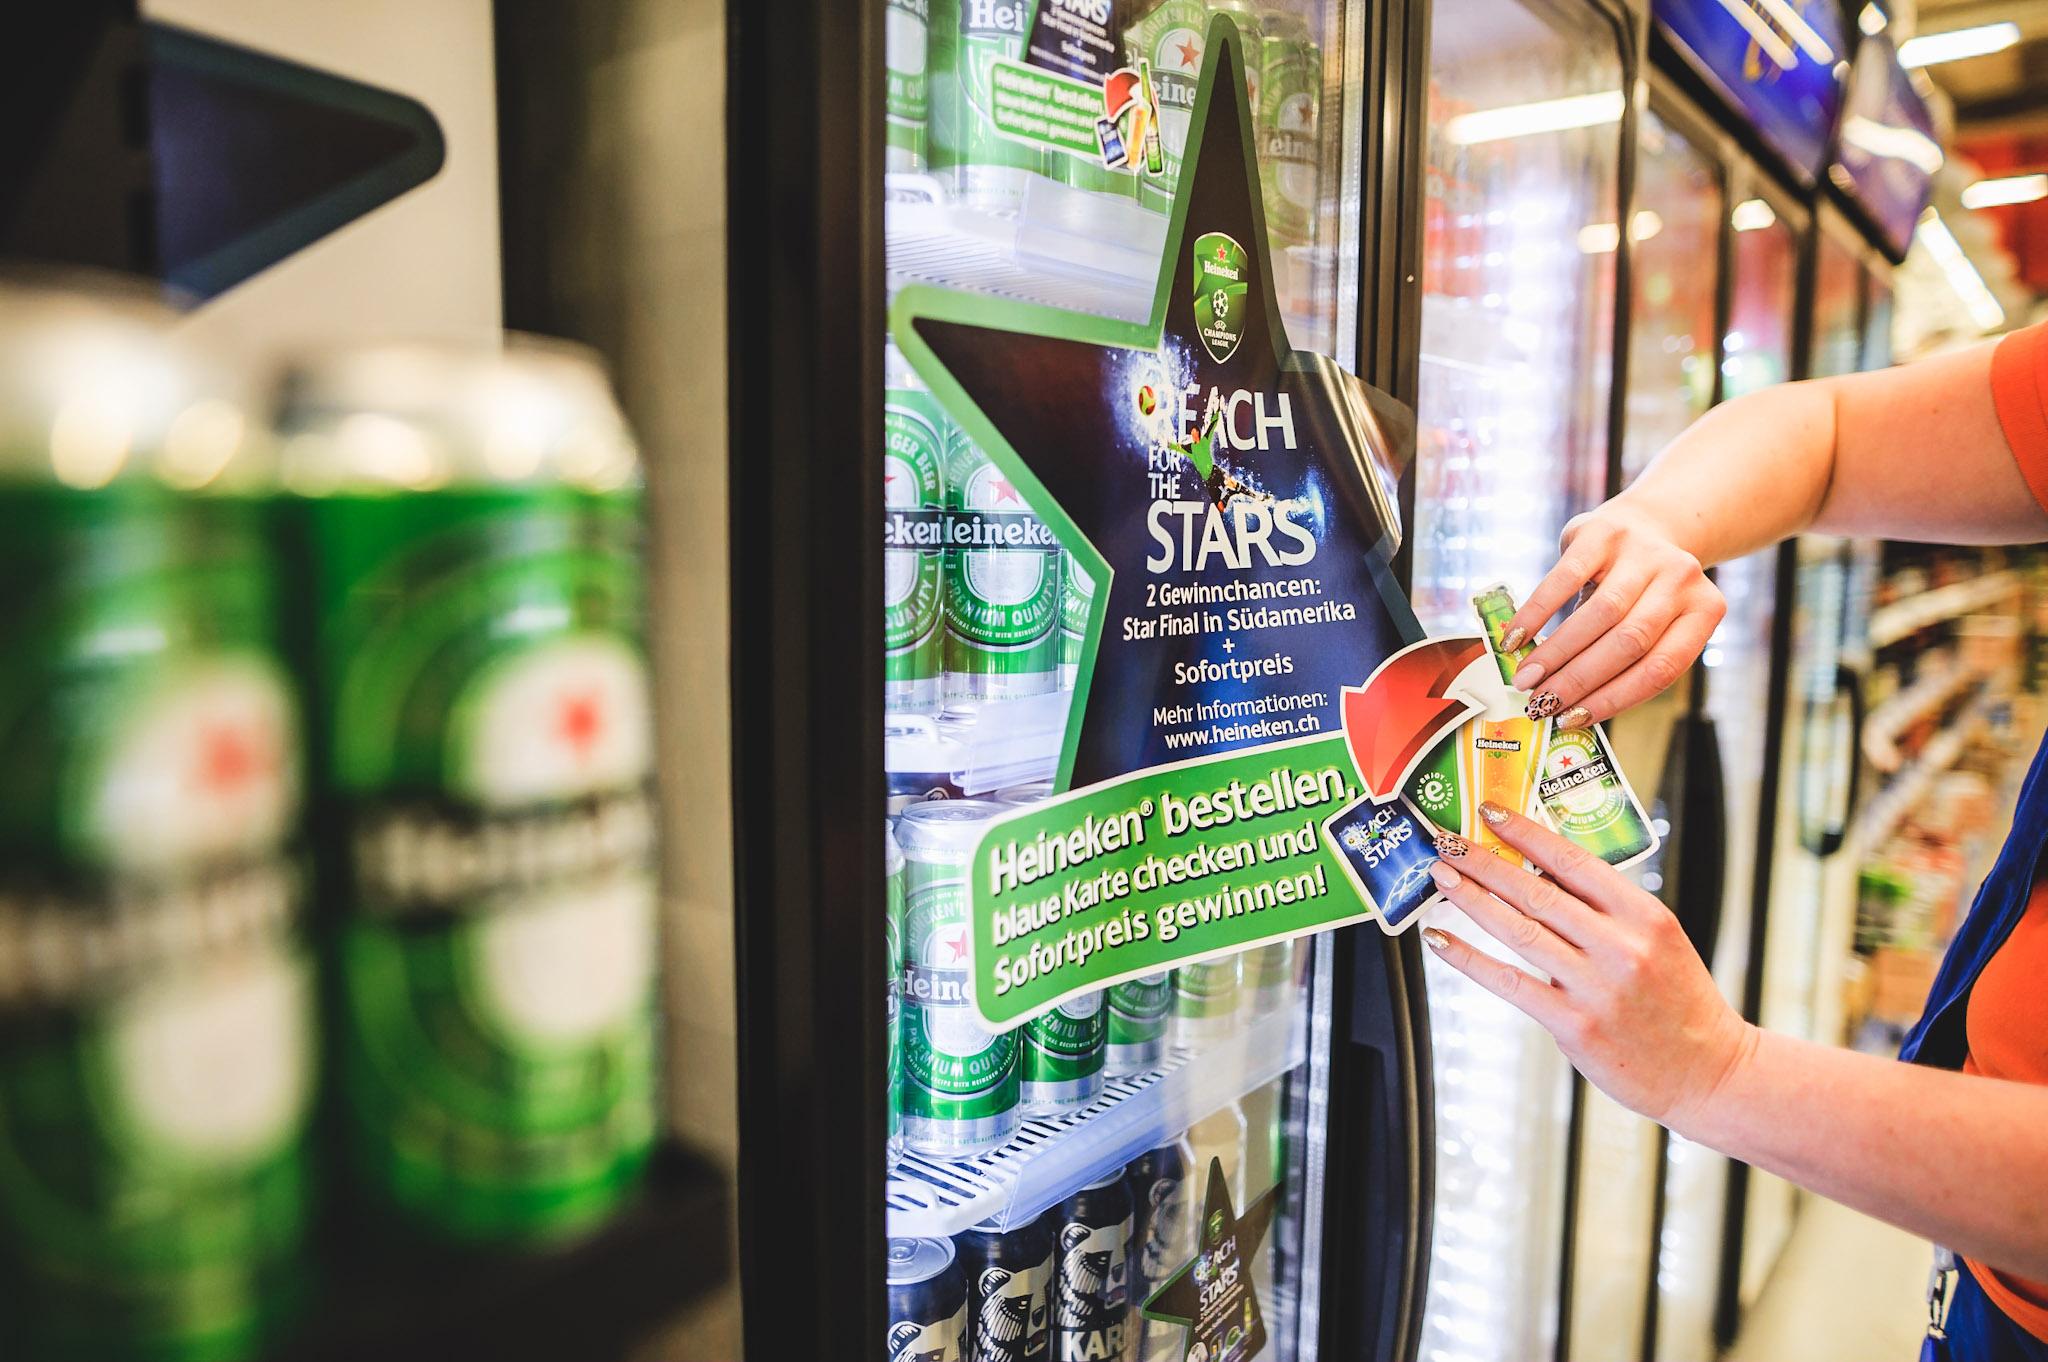 Förderung von Brauereiprodukten am POS - wie wird es gemacht?